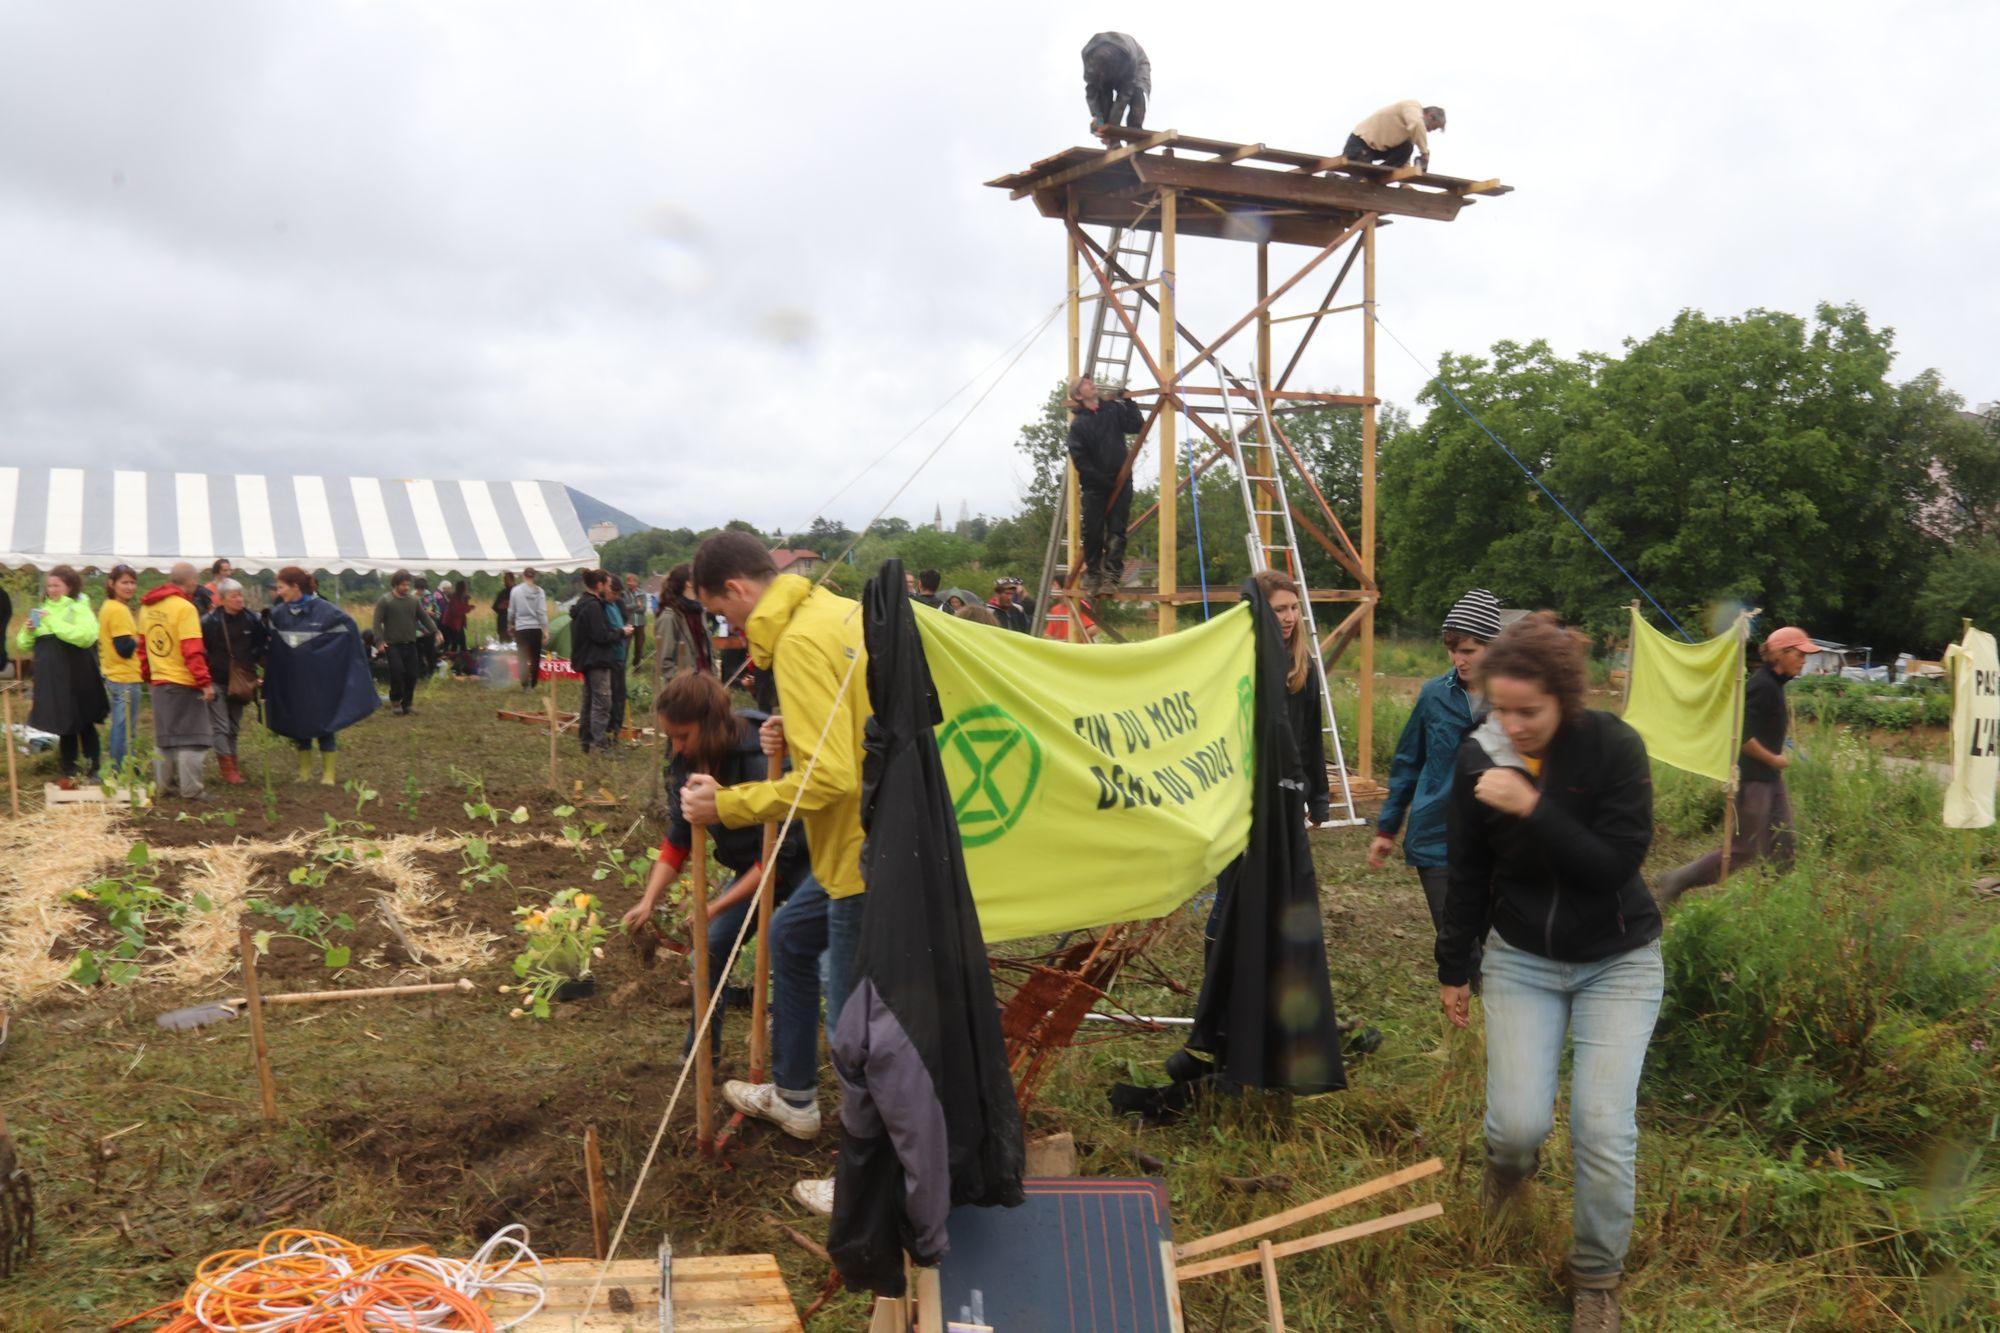 Besançon. Une action citoyenne menée aux Vaîtes... qui pourrait durer